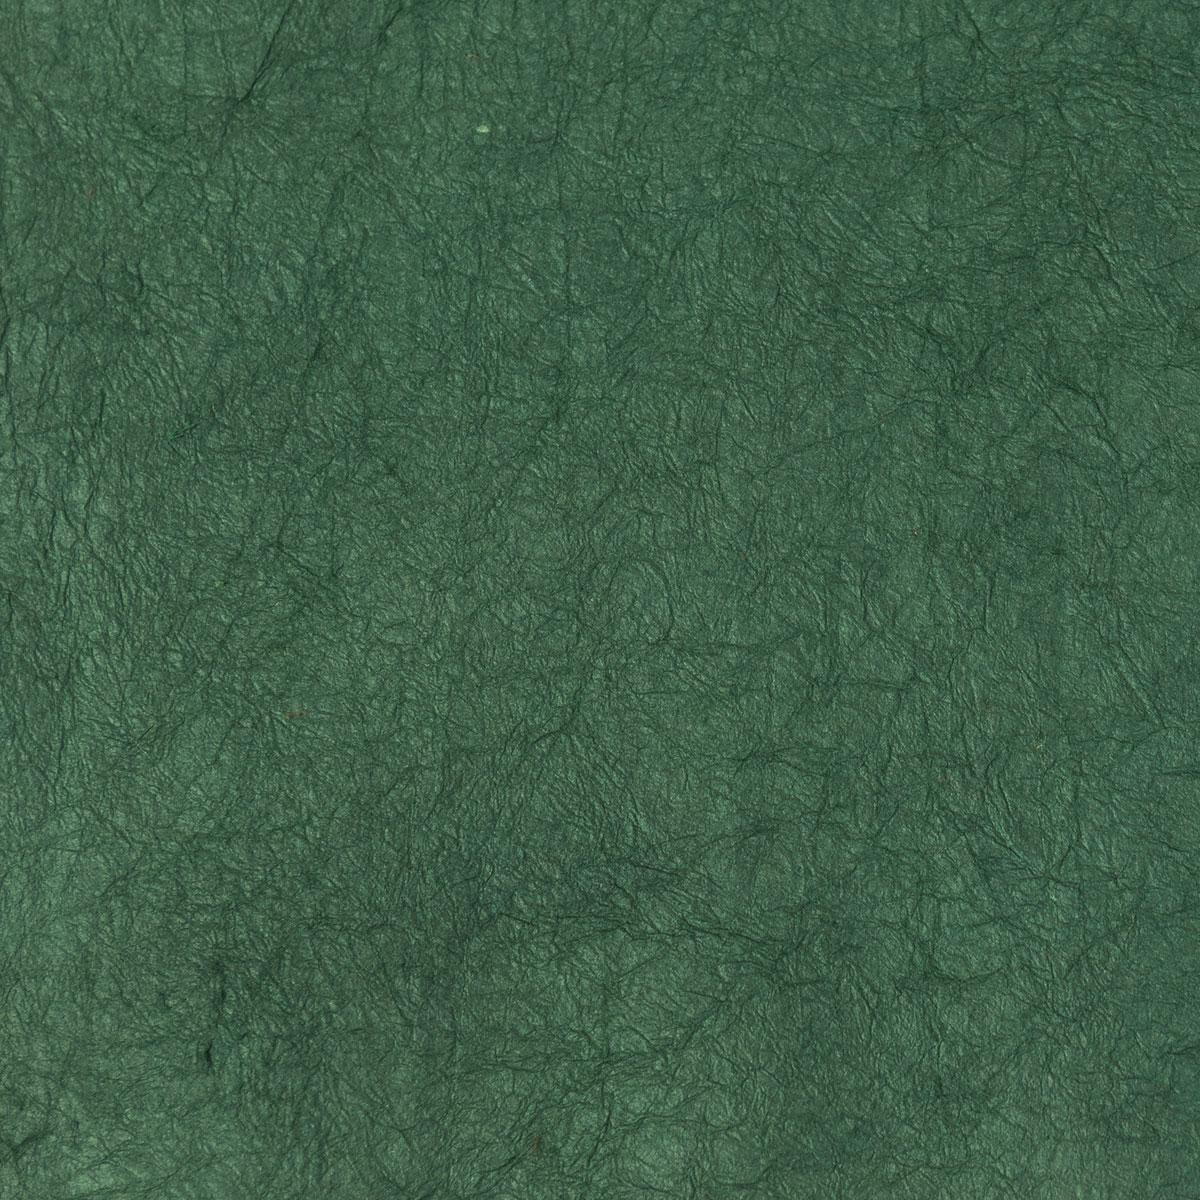 王朝のそめいろ 厚口 27番 深緑